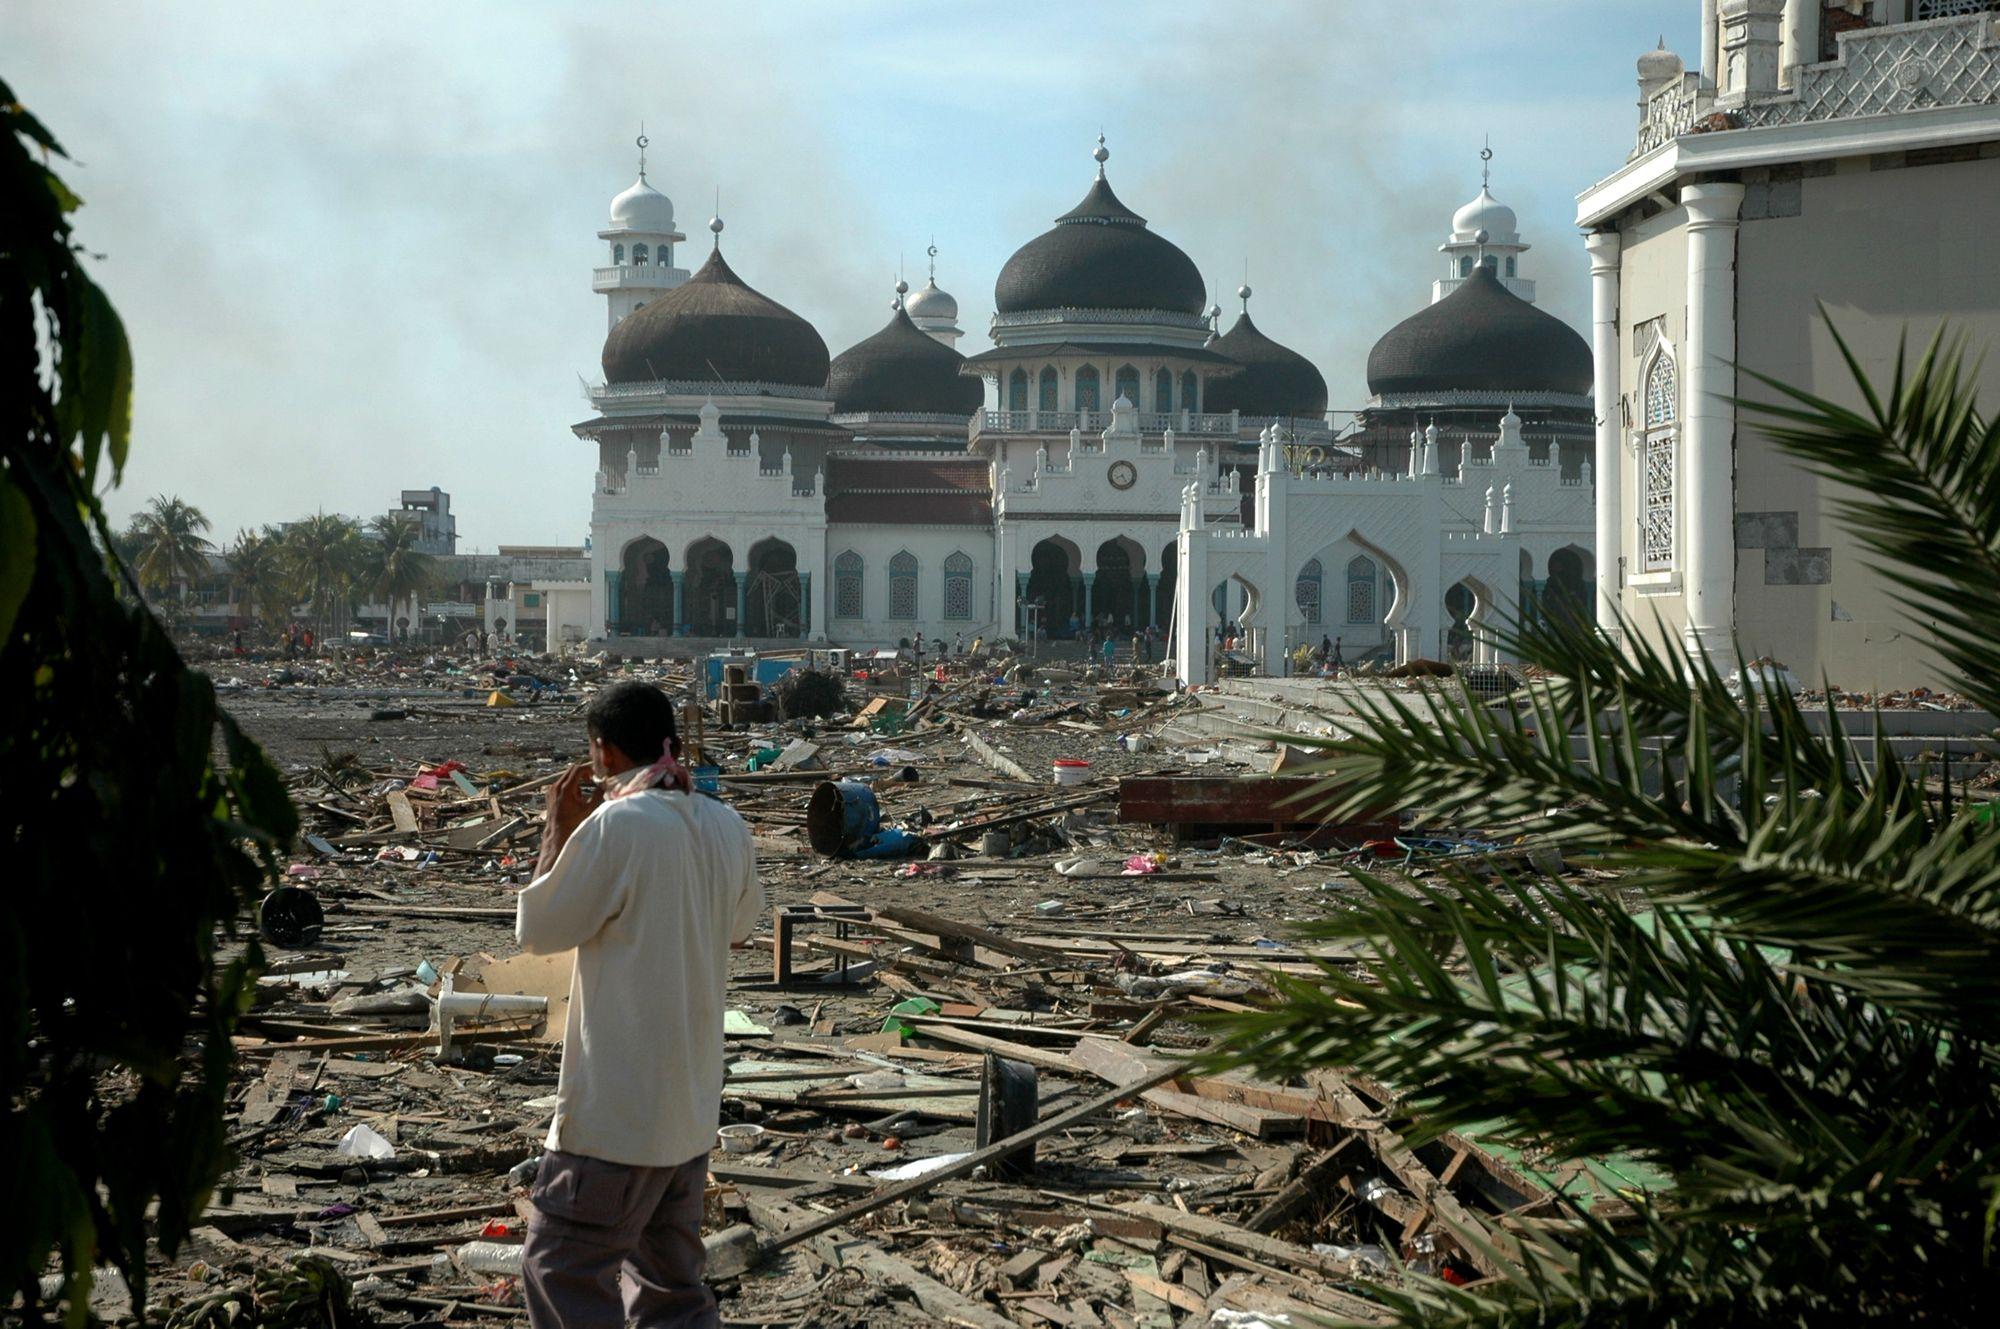 2004 yılında tsunami sonrası Banda Aceh'te Baiturrahman Camii